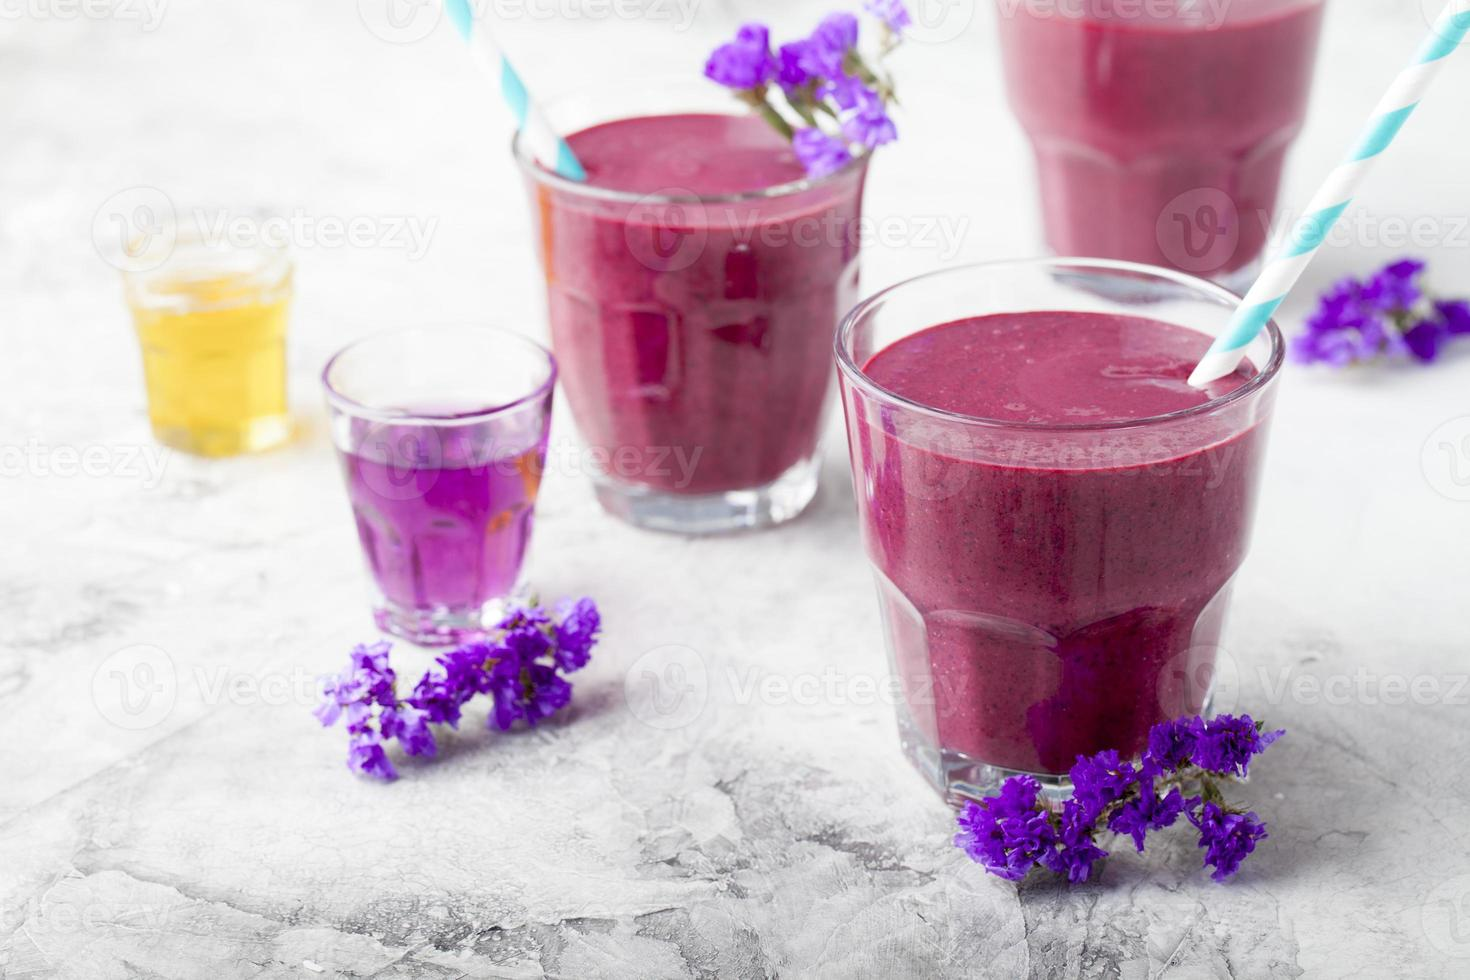 mirtilo, amora, madressilva, suco de mel com xarope de violeta e açaí. foto